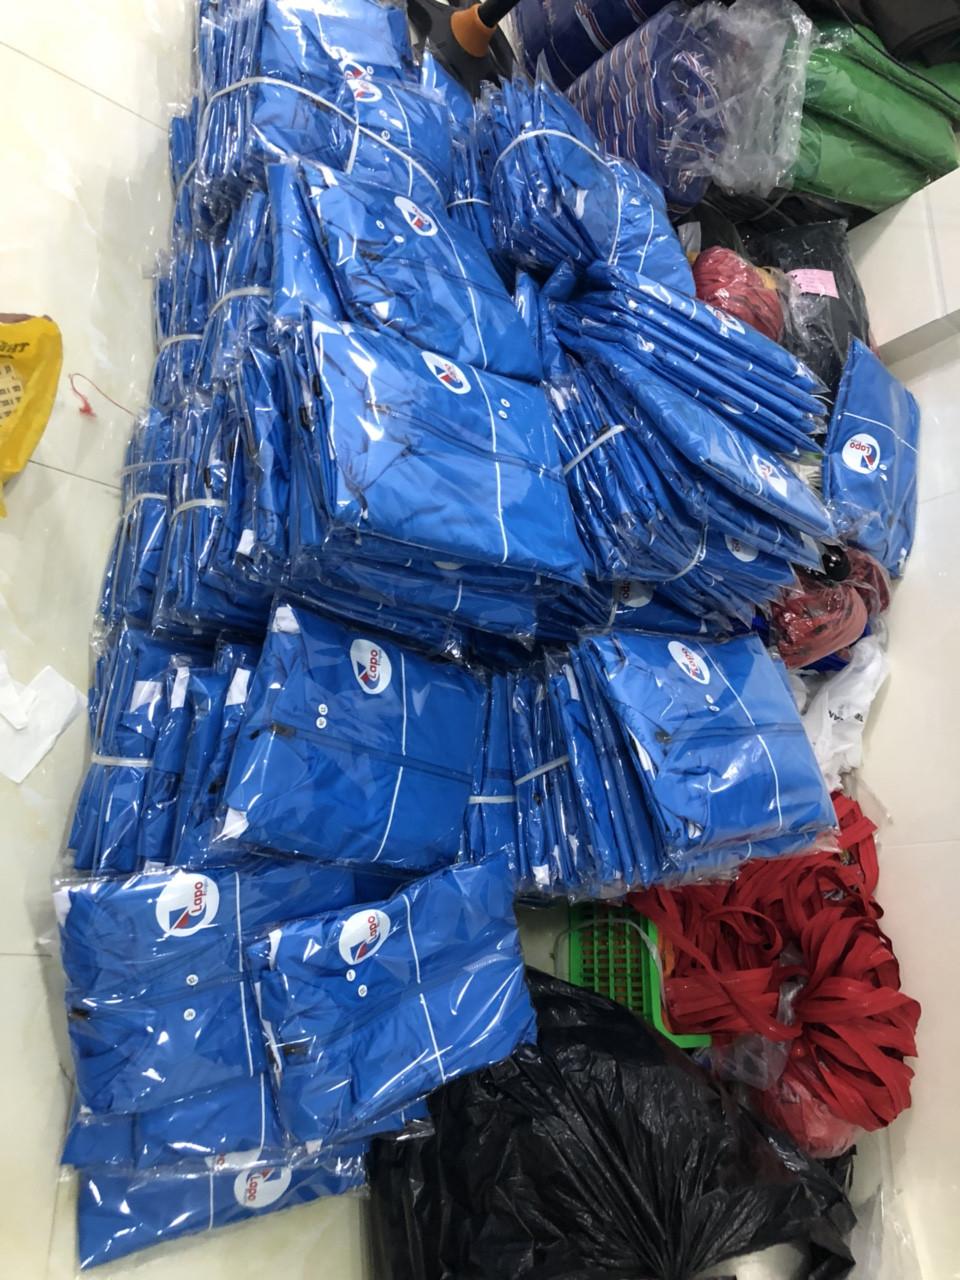 Hưng Thịnh cơ sở may áo gió quà tặng giá rẻ chất lượng